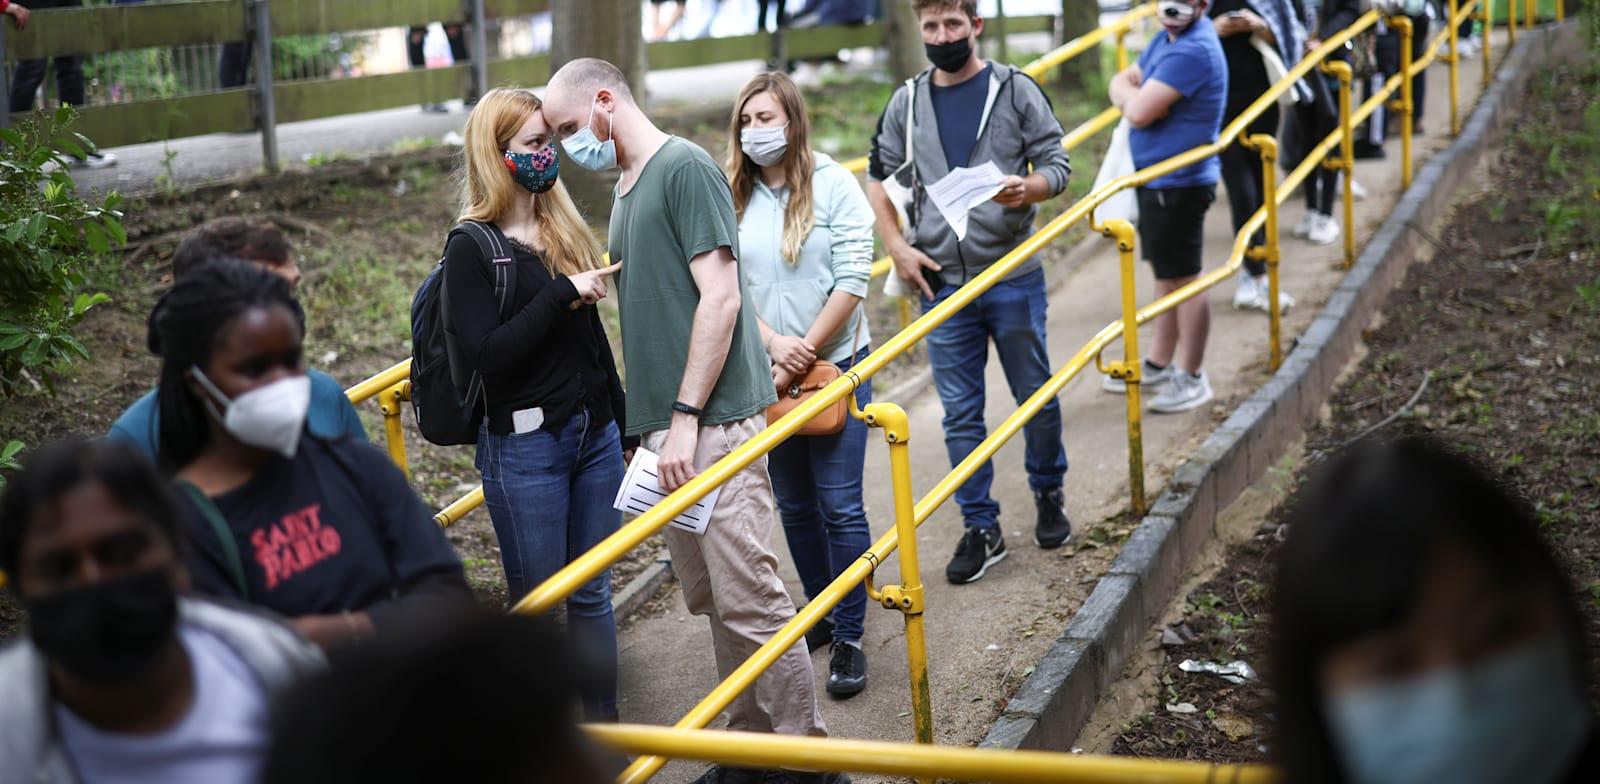 תורים לחיסון נגד קורונה בבריטניה / צילום: Reuters, HENRY NICHOLLS